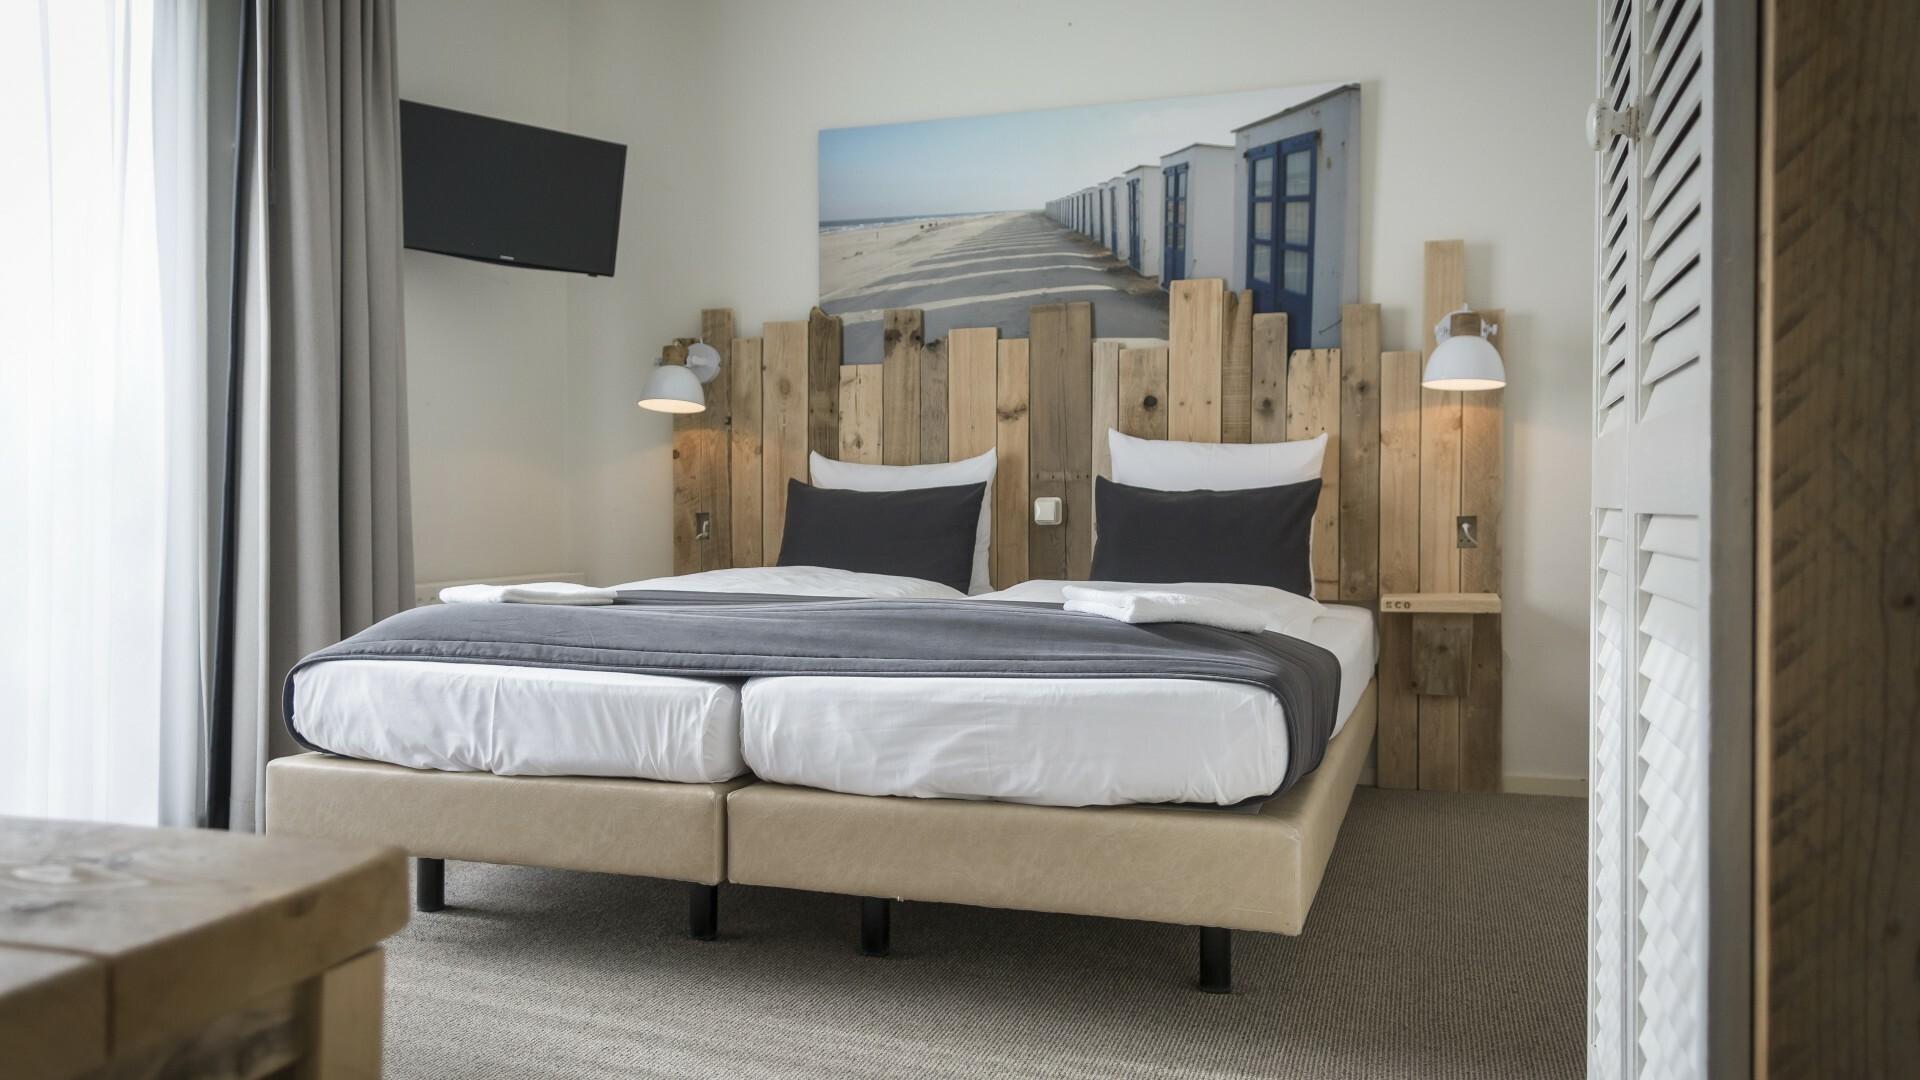 Familiesuite bij Hotel De Waal met bed van strandhout VVV Texel